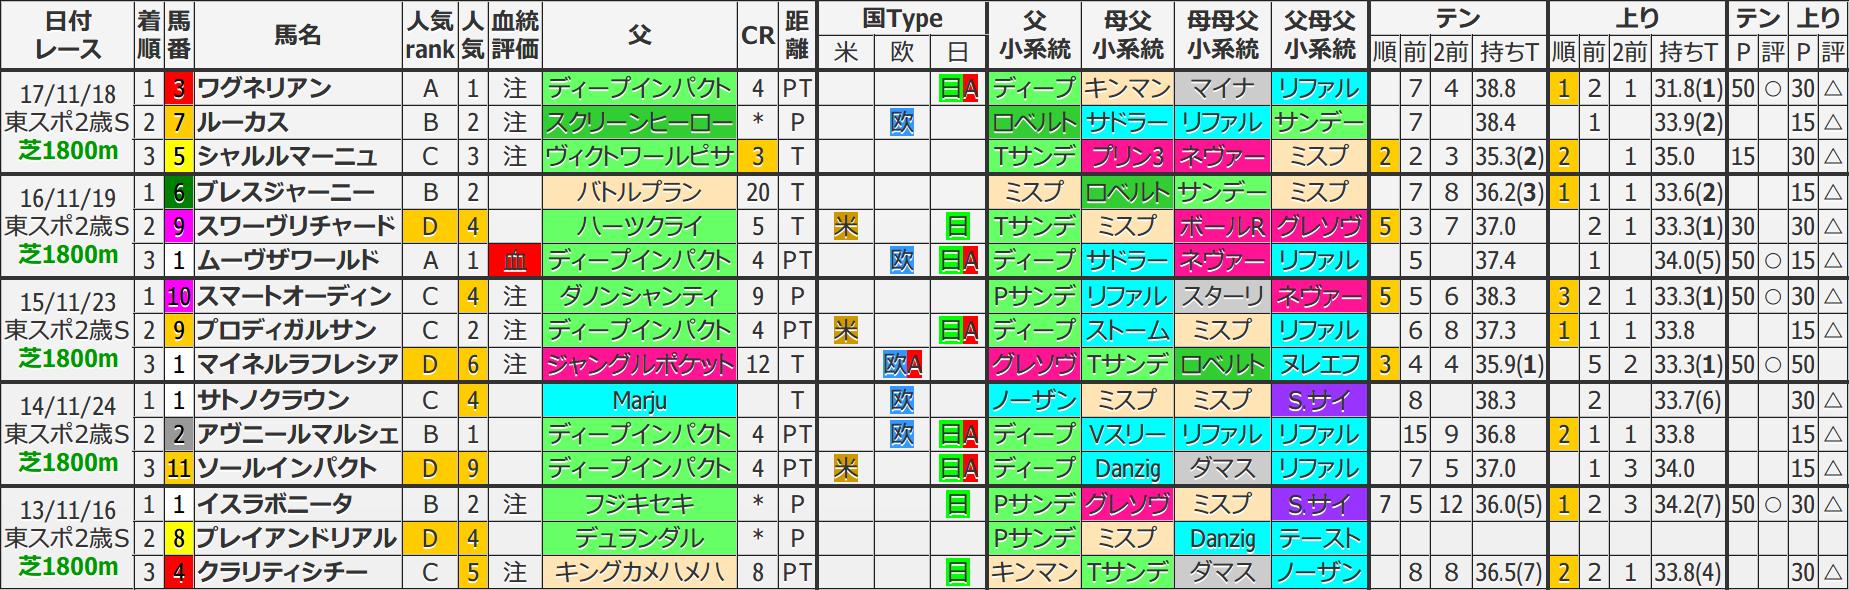 東京スポーツ杯2歳 過去5年ブラッドバイアス